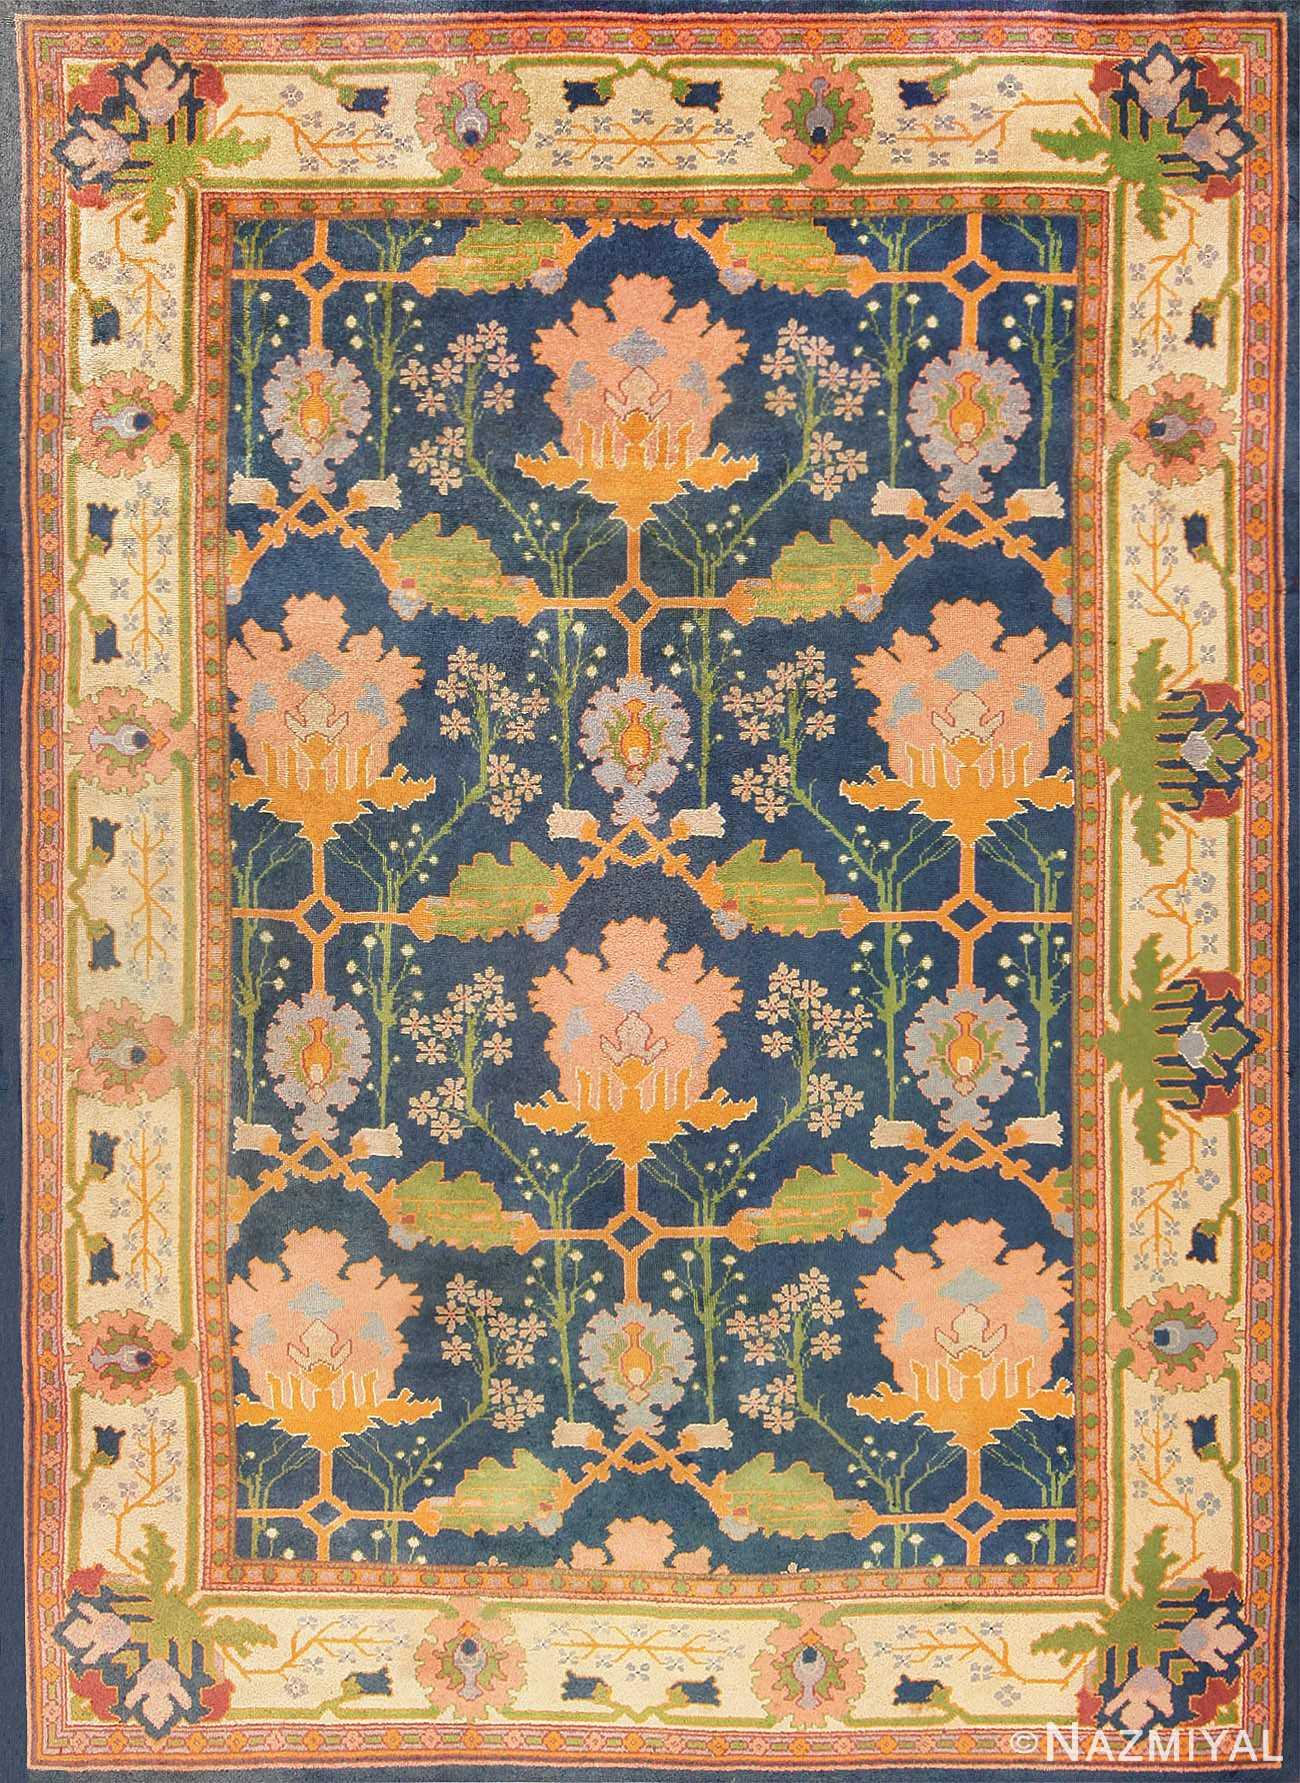 gavin morton arts and crafts donegal rug 47548. Black Bedroom Furniture Sets. Home Design Ideas